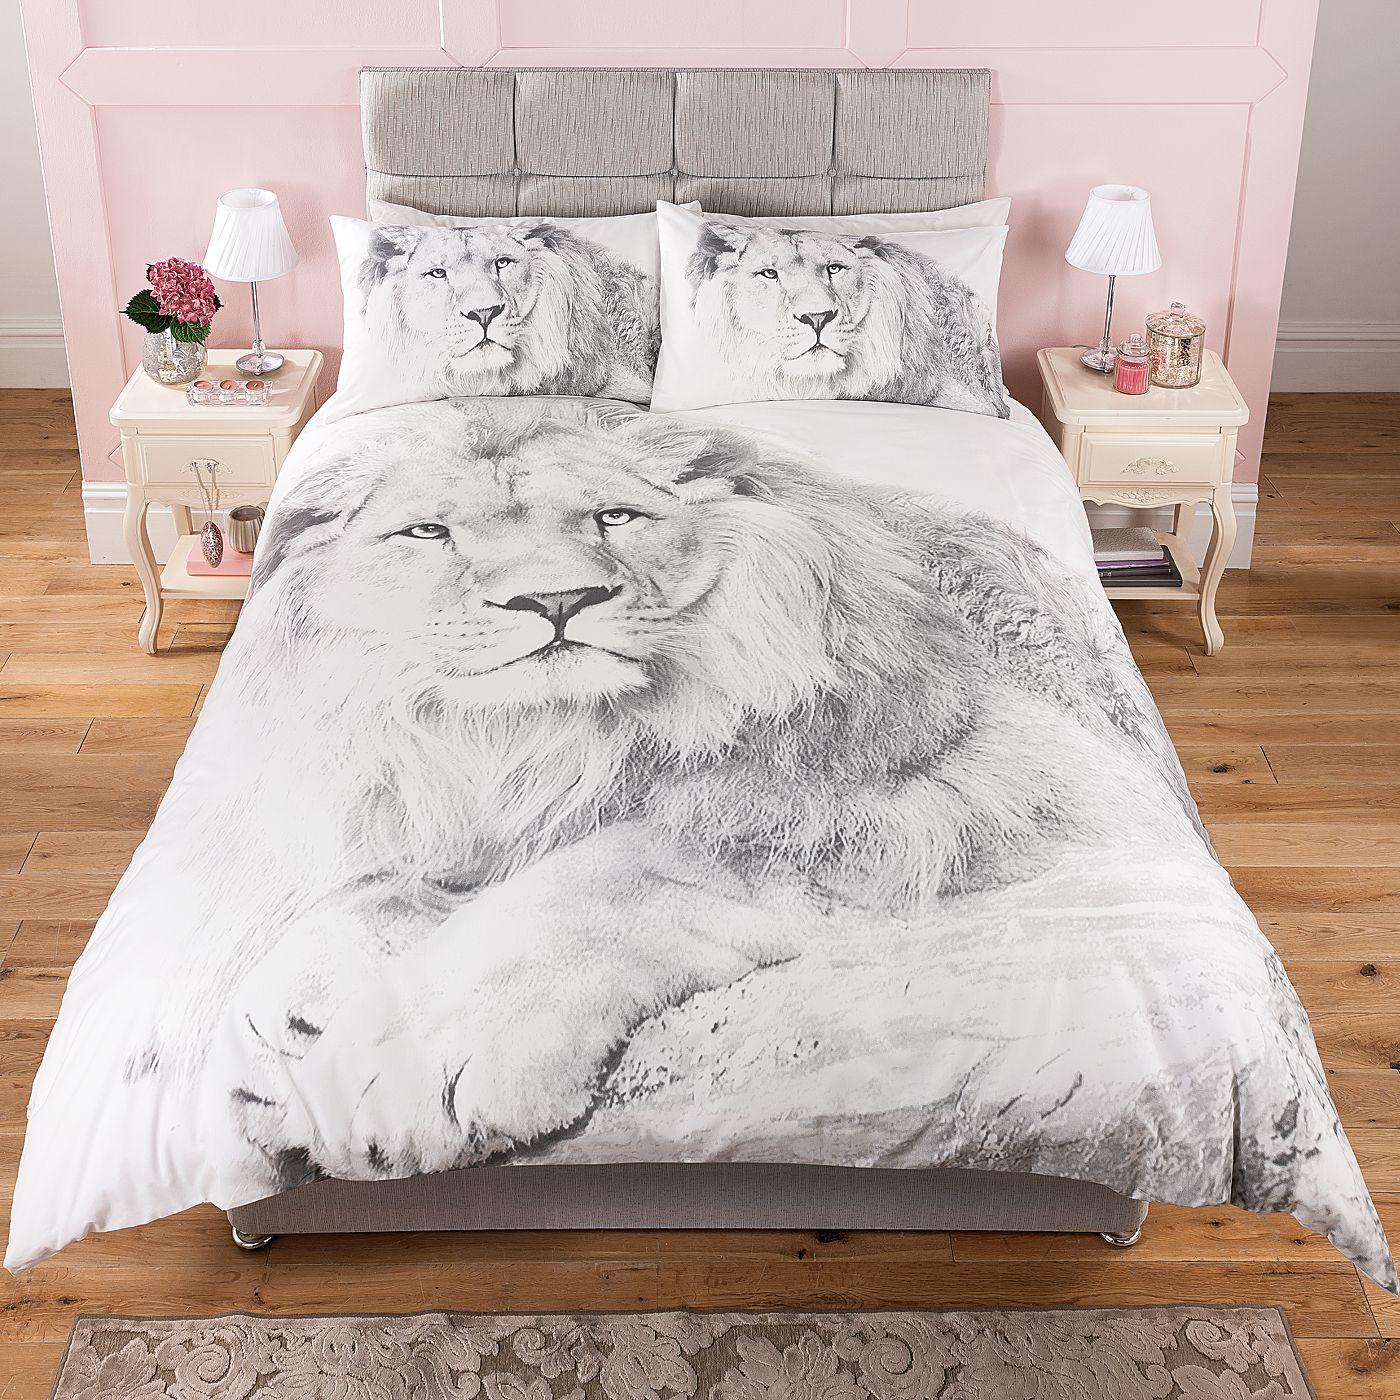 George Home Fantasy Lion Duvet Range Bedding Asda Direct